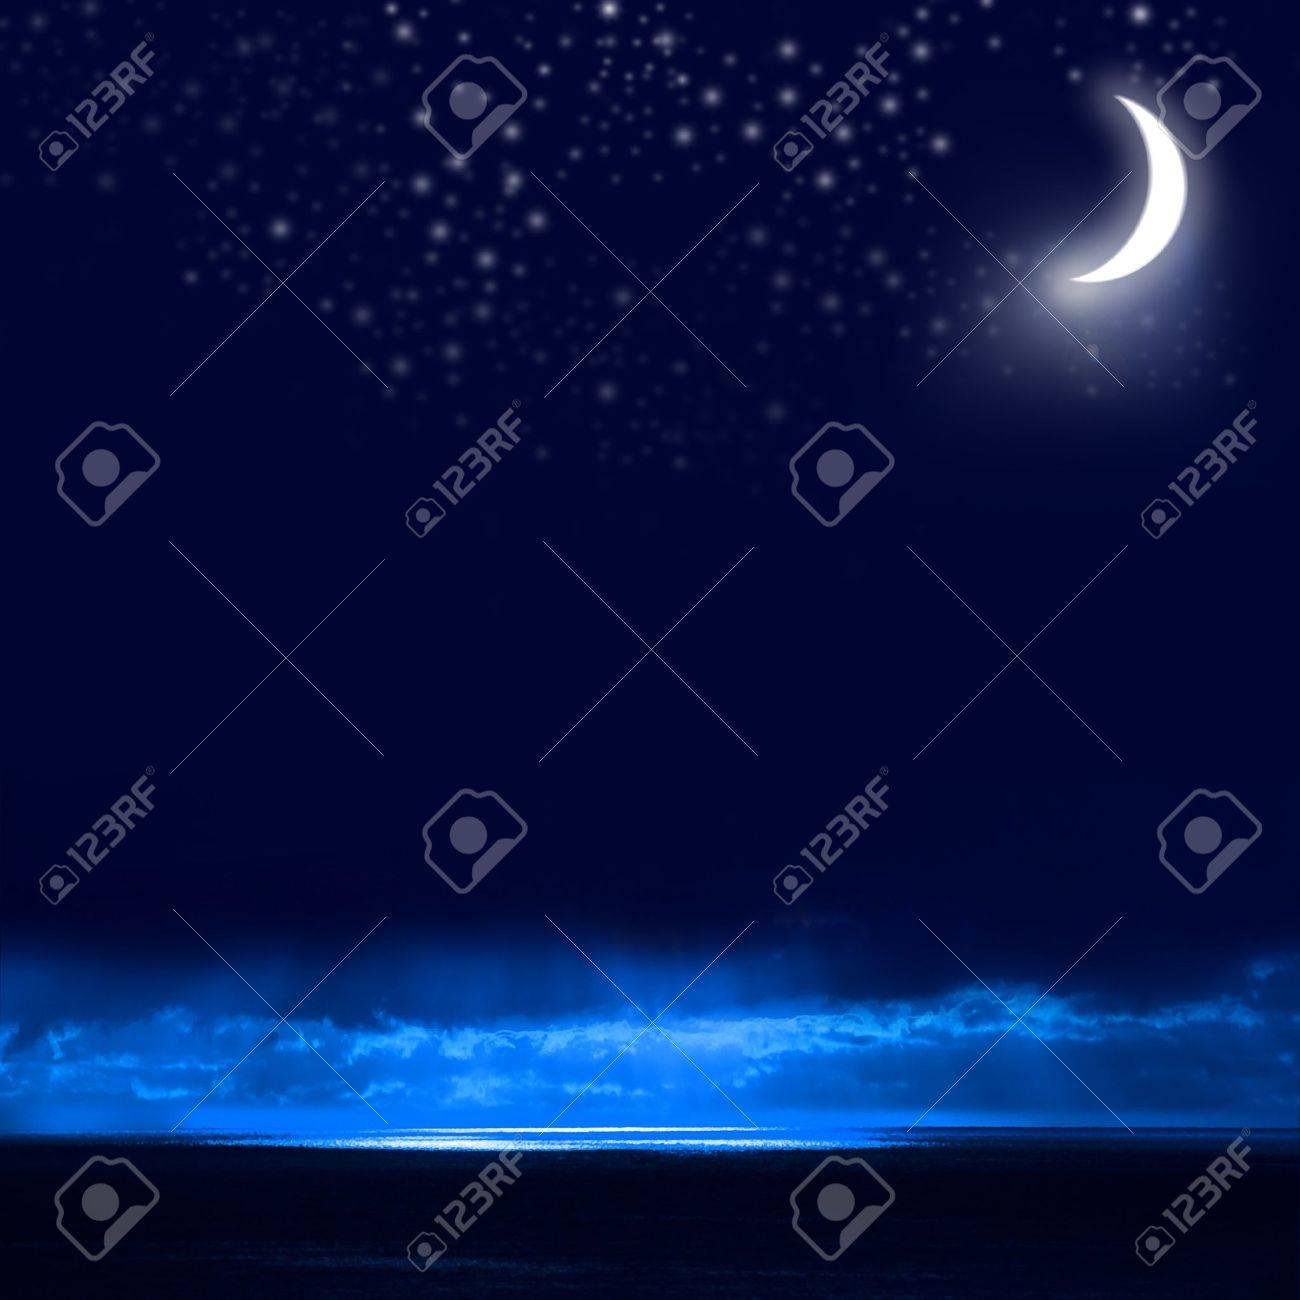 Night Sky, Bright Stars, Galaxy, and Moon Stock Photo - 9630411